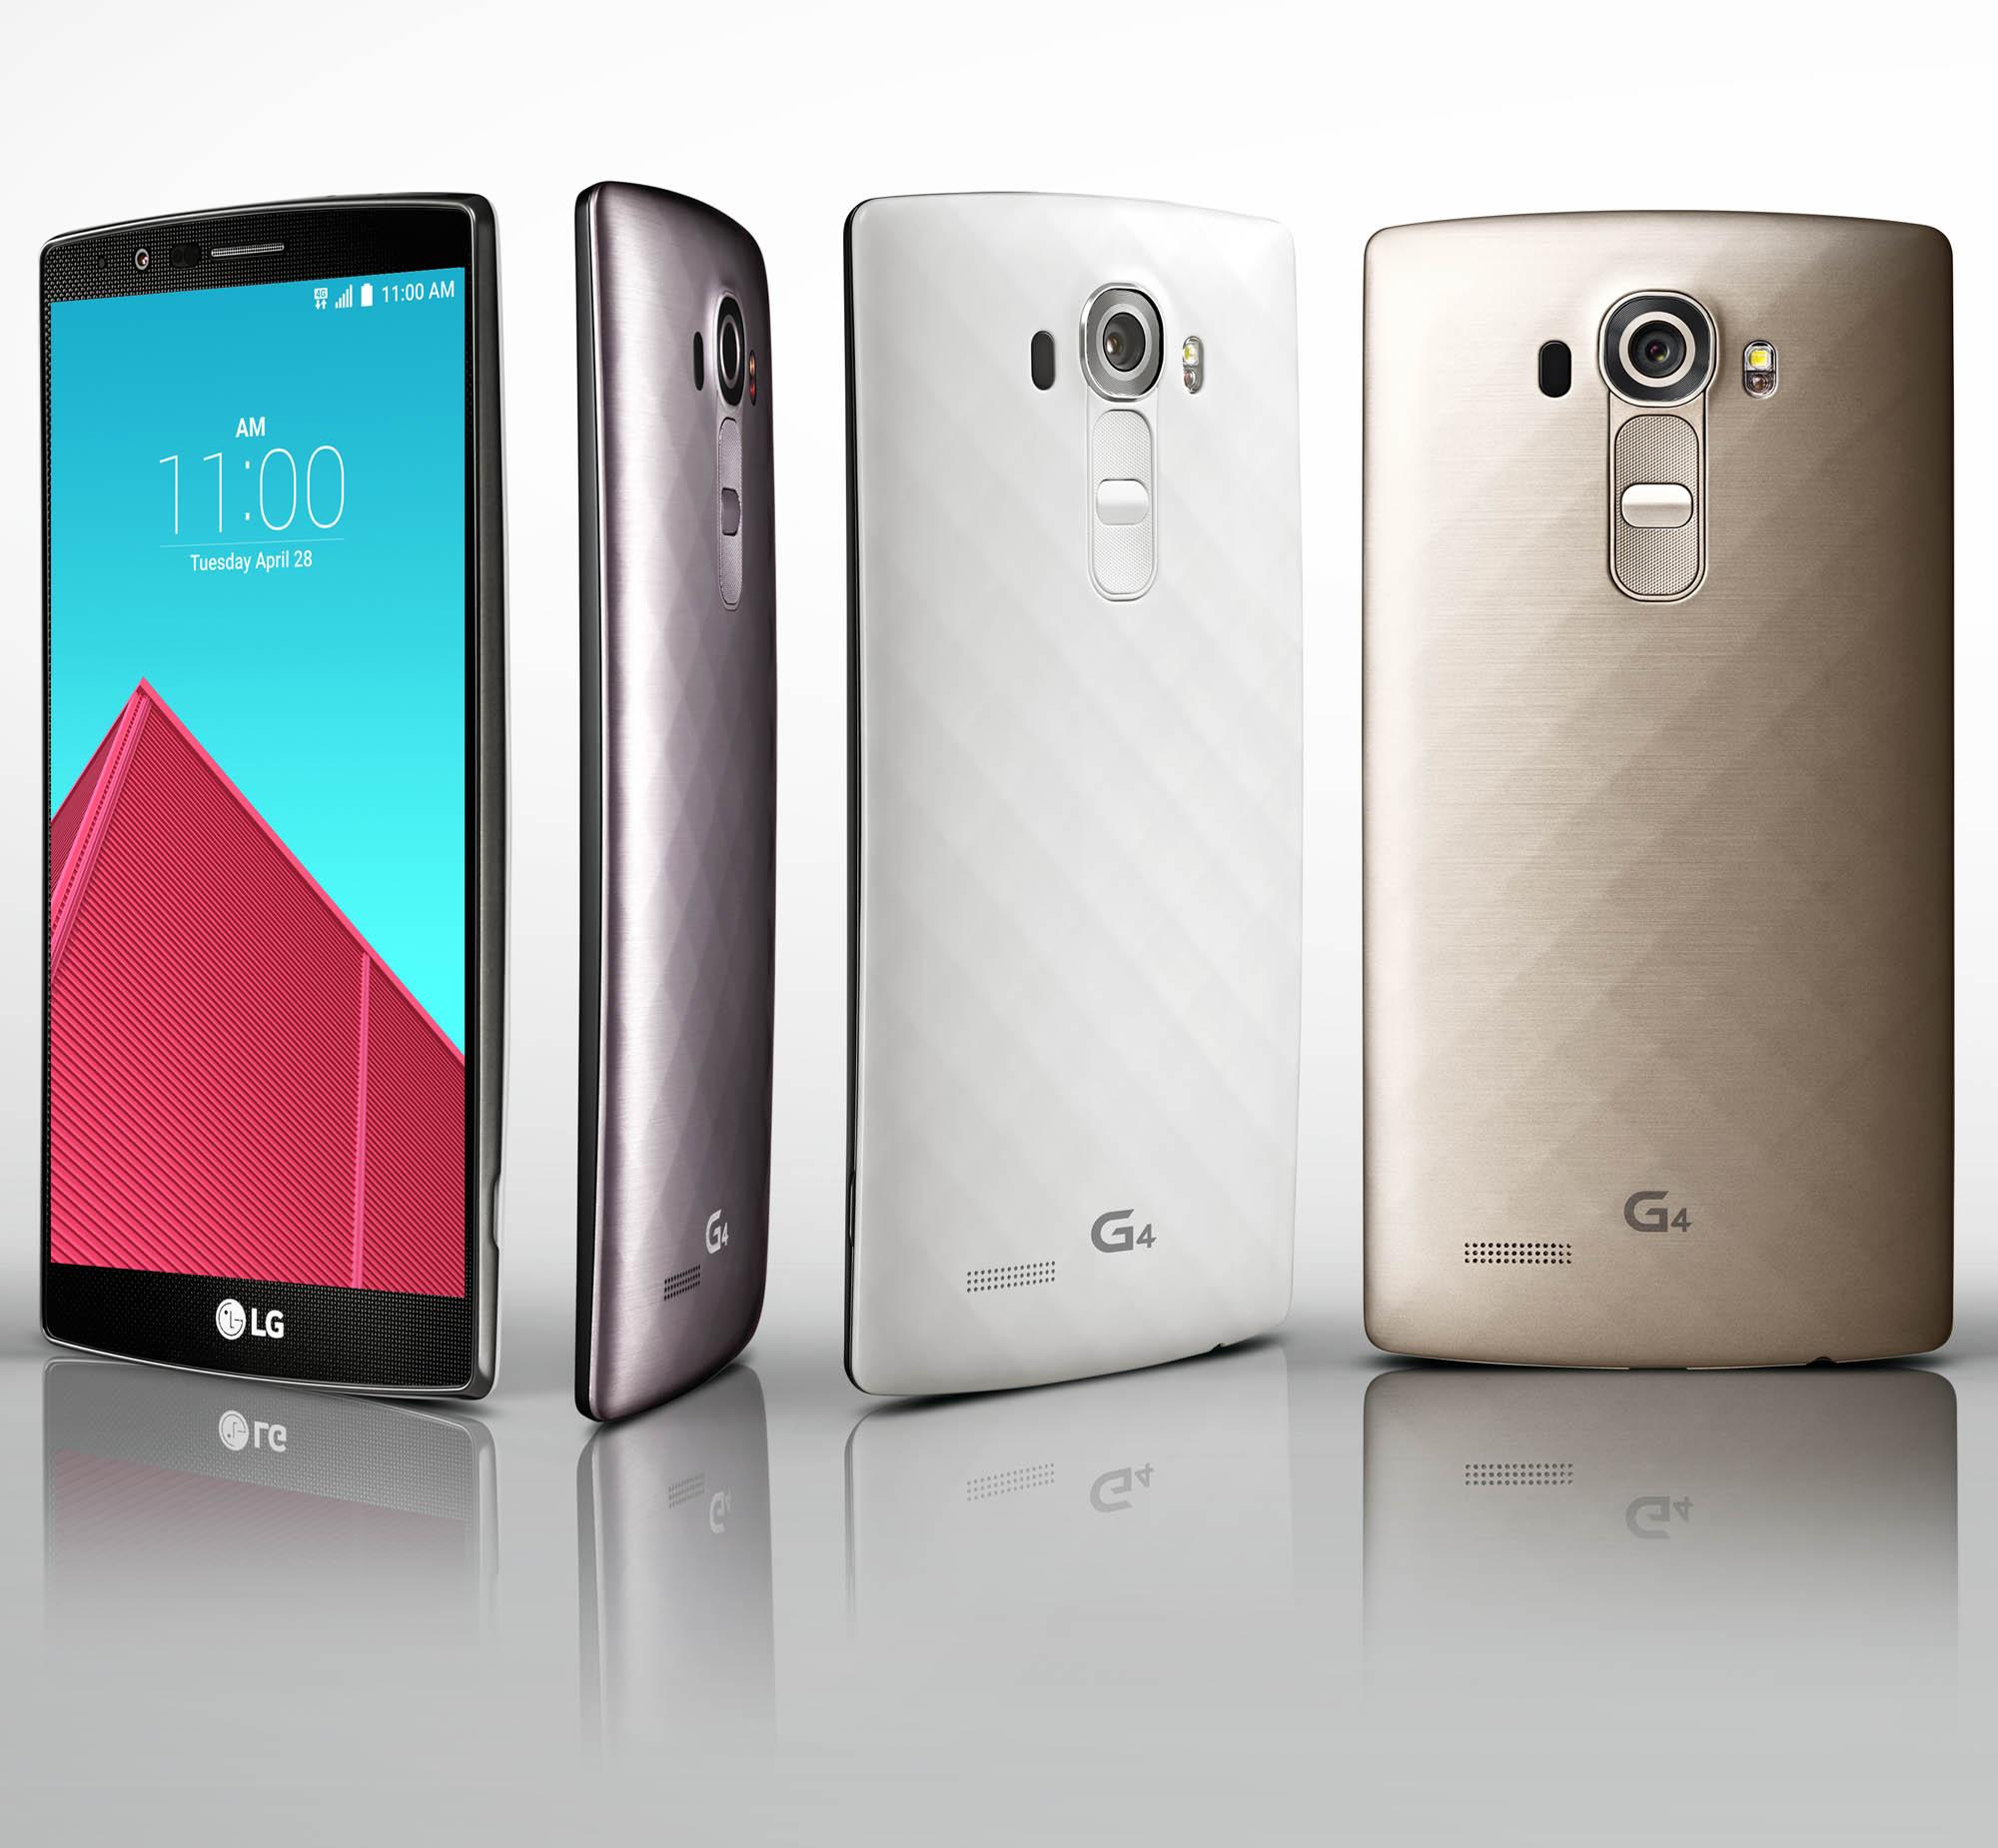 LG-G4-official.jpg